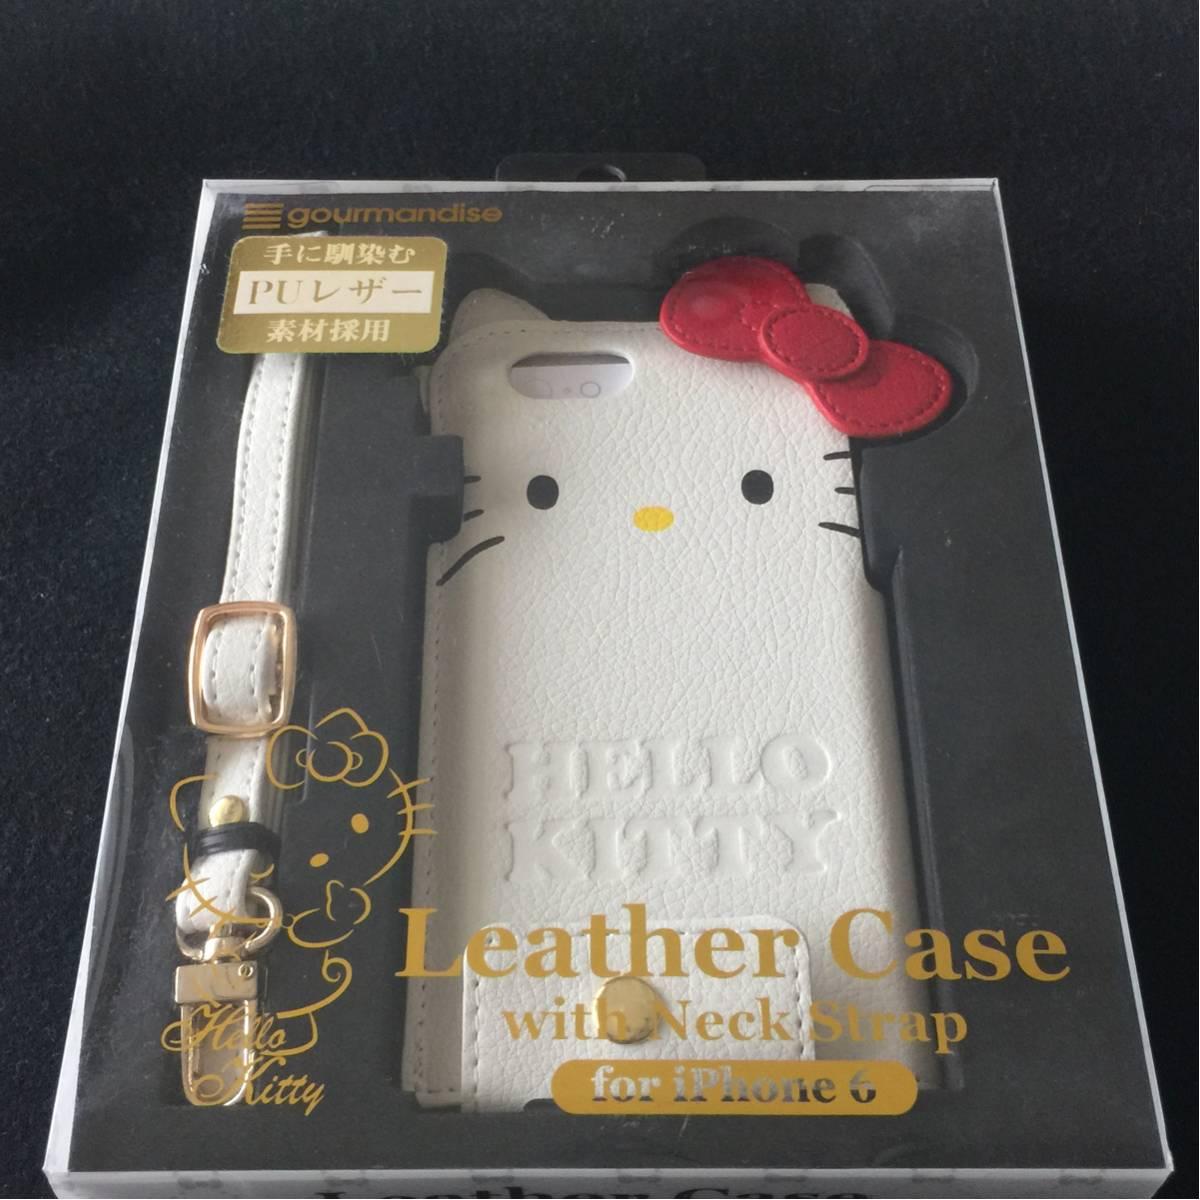 新品iphone 6 ケース 携帯ケース アイホンケース Leather Case With